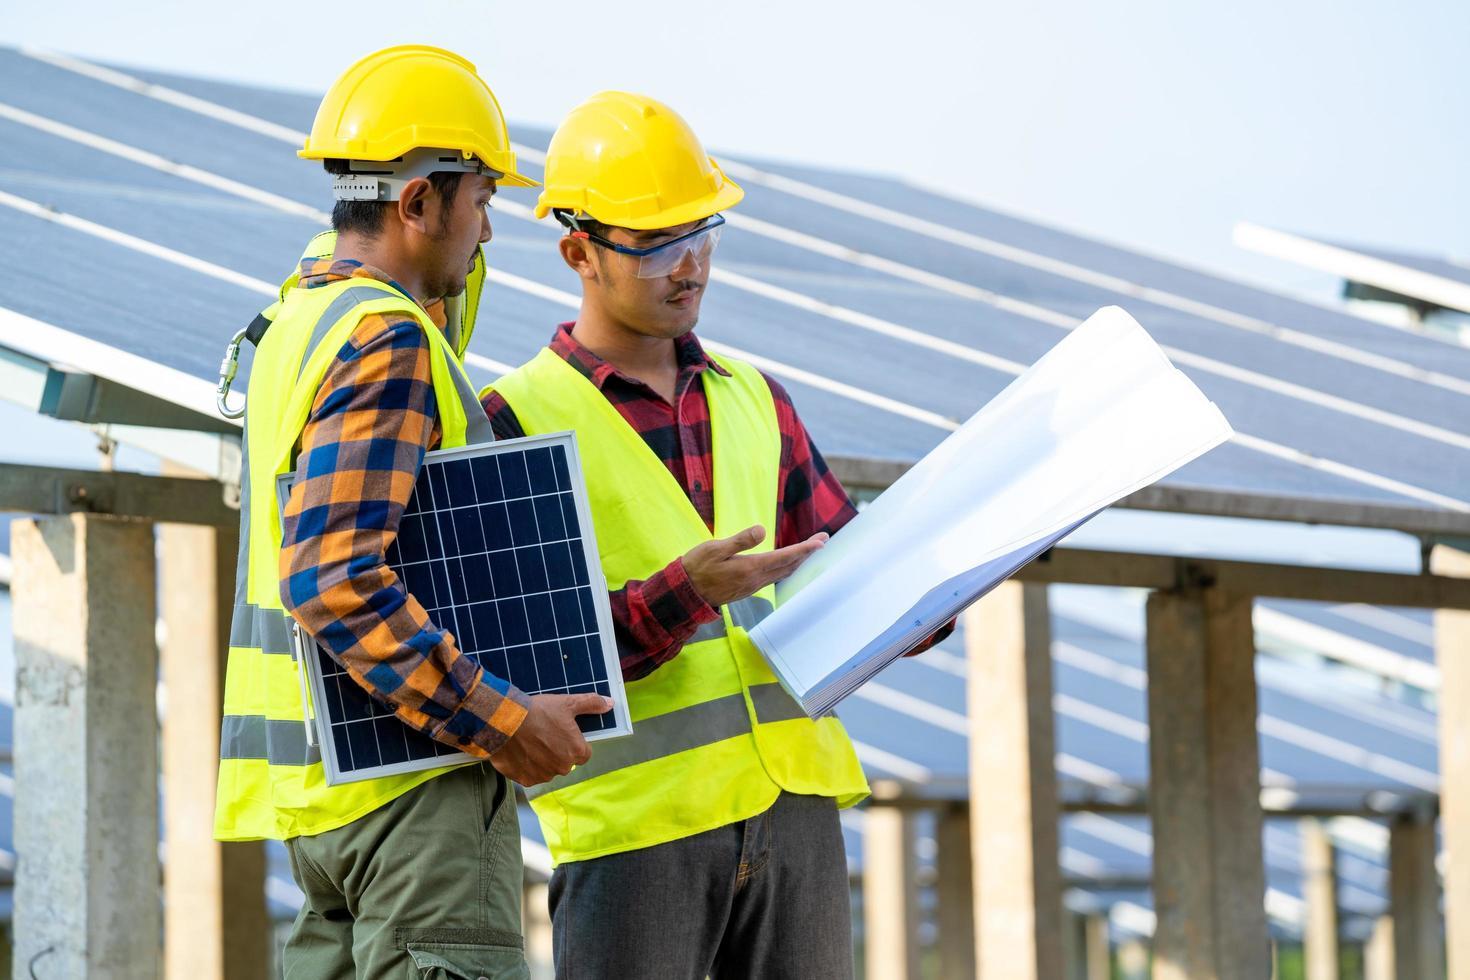 homens usando equipamentos de segurança ao lado de painéis solares foto